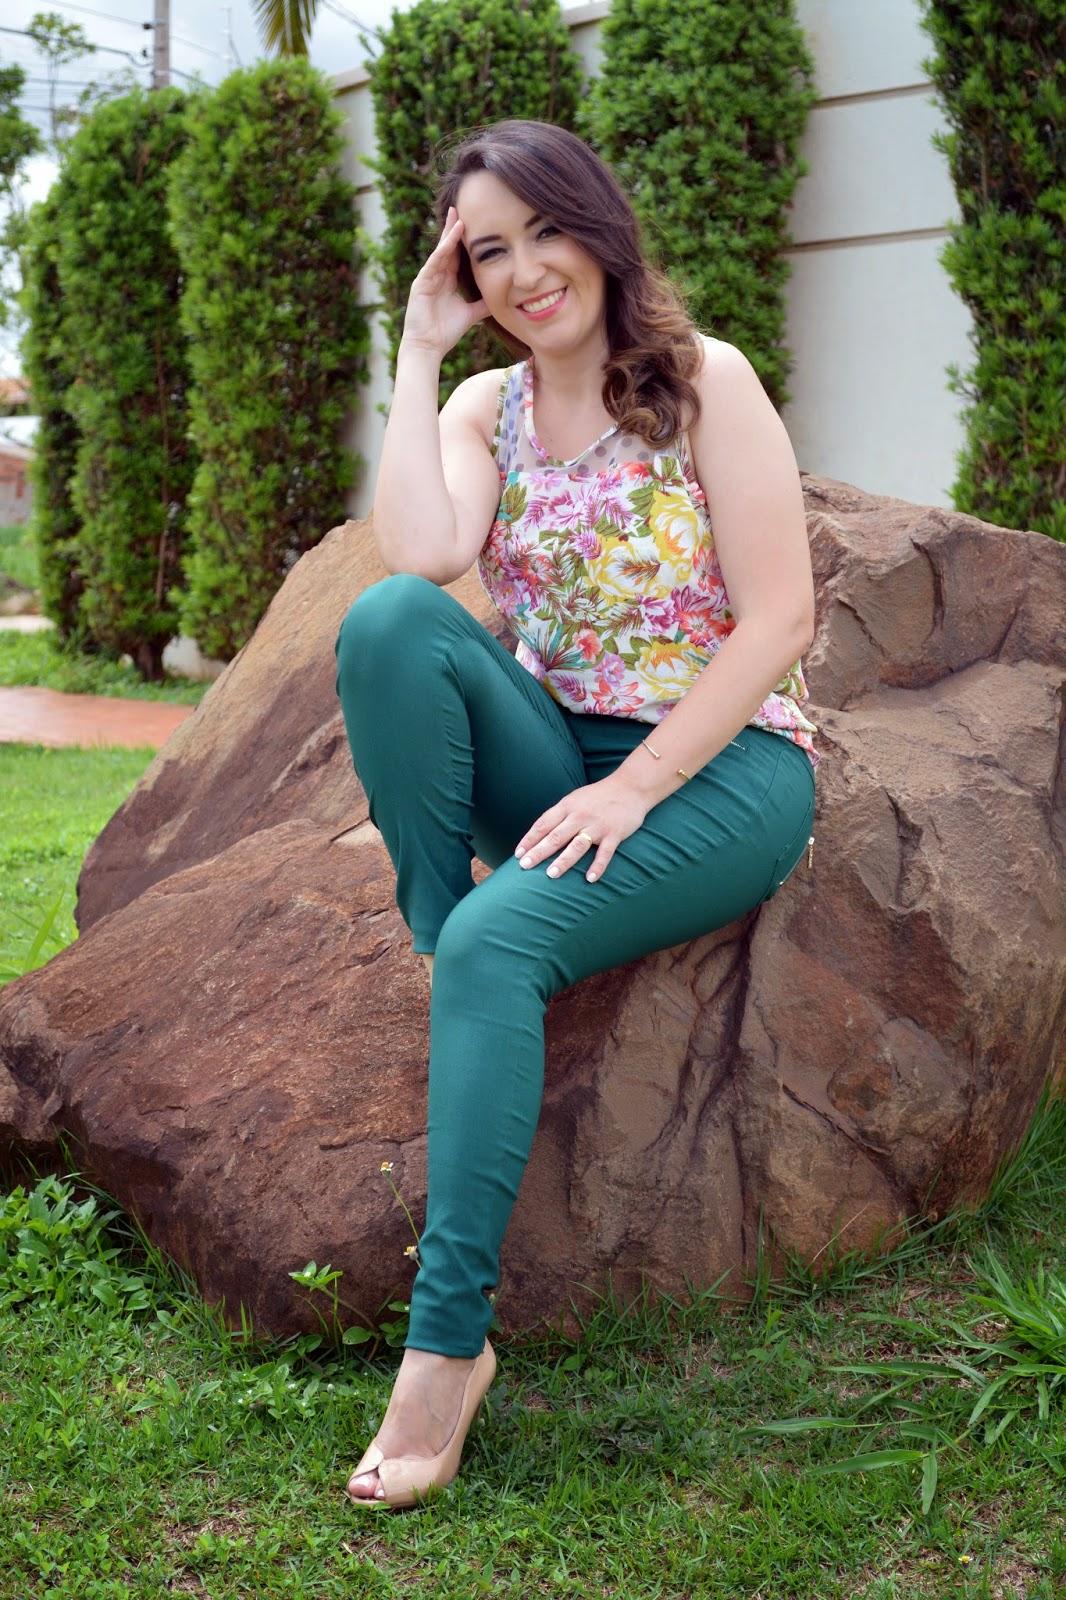 calça verde, blusa estampada, blusa estampa floral, sapato nude, lalilu modas, blog camila andrade, blog de moda em ribeirão preto, fashion blogger, look do dia, du jour